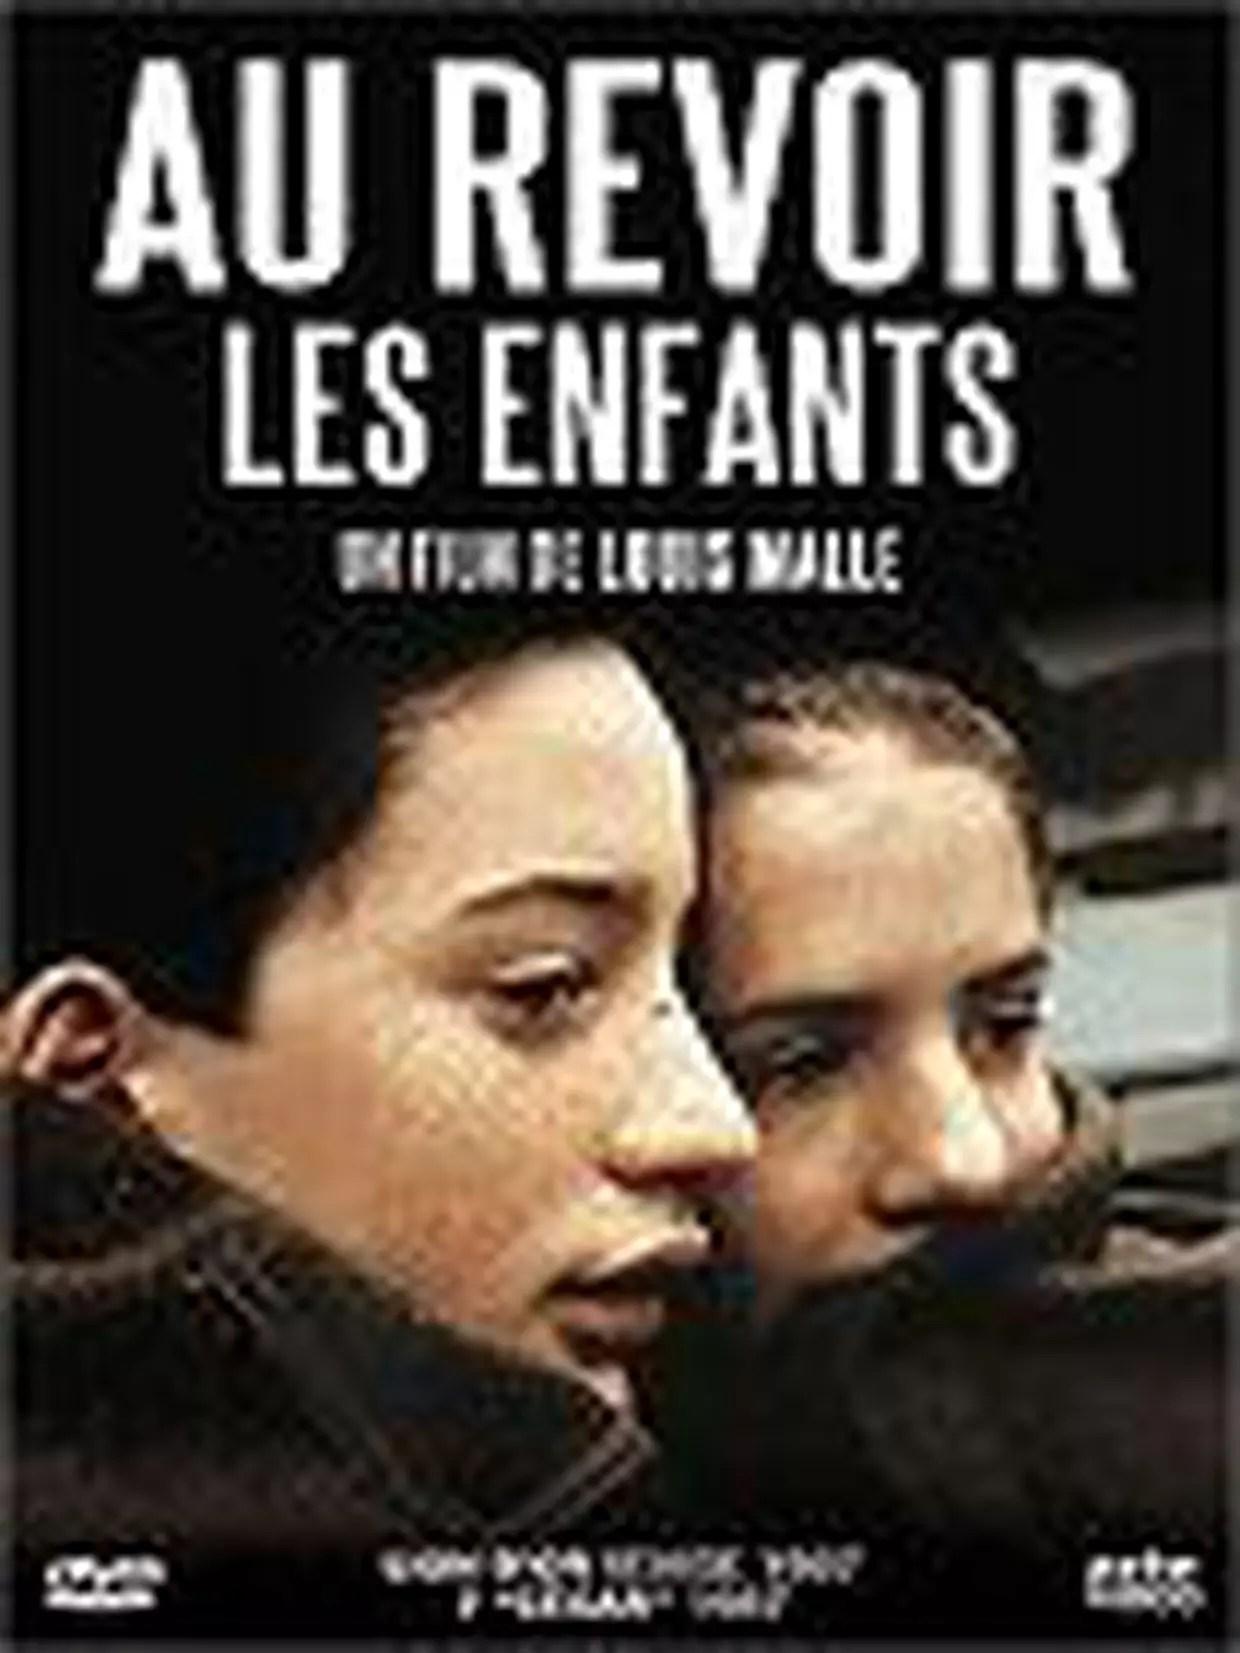 Film Va Vis Et Deviens : deviens, Revoir, Enfants, Bande, Annonce, film,, Sances